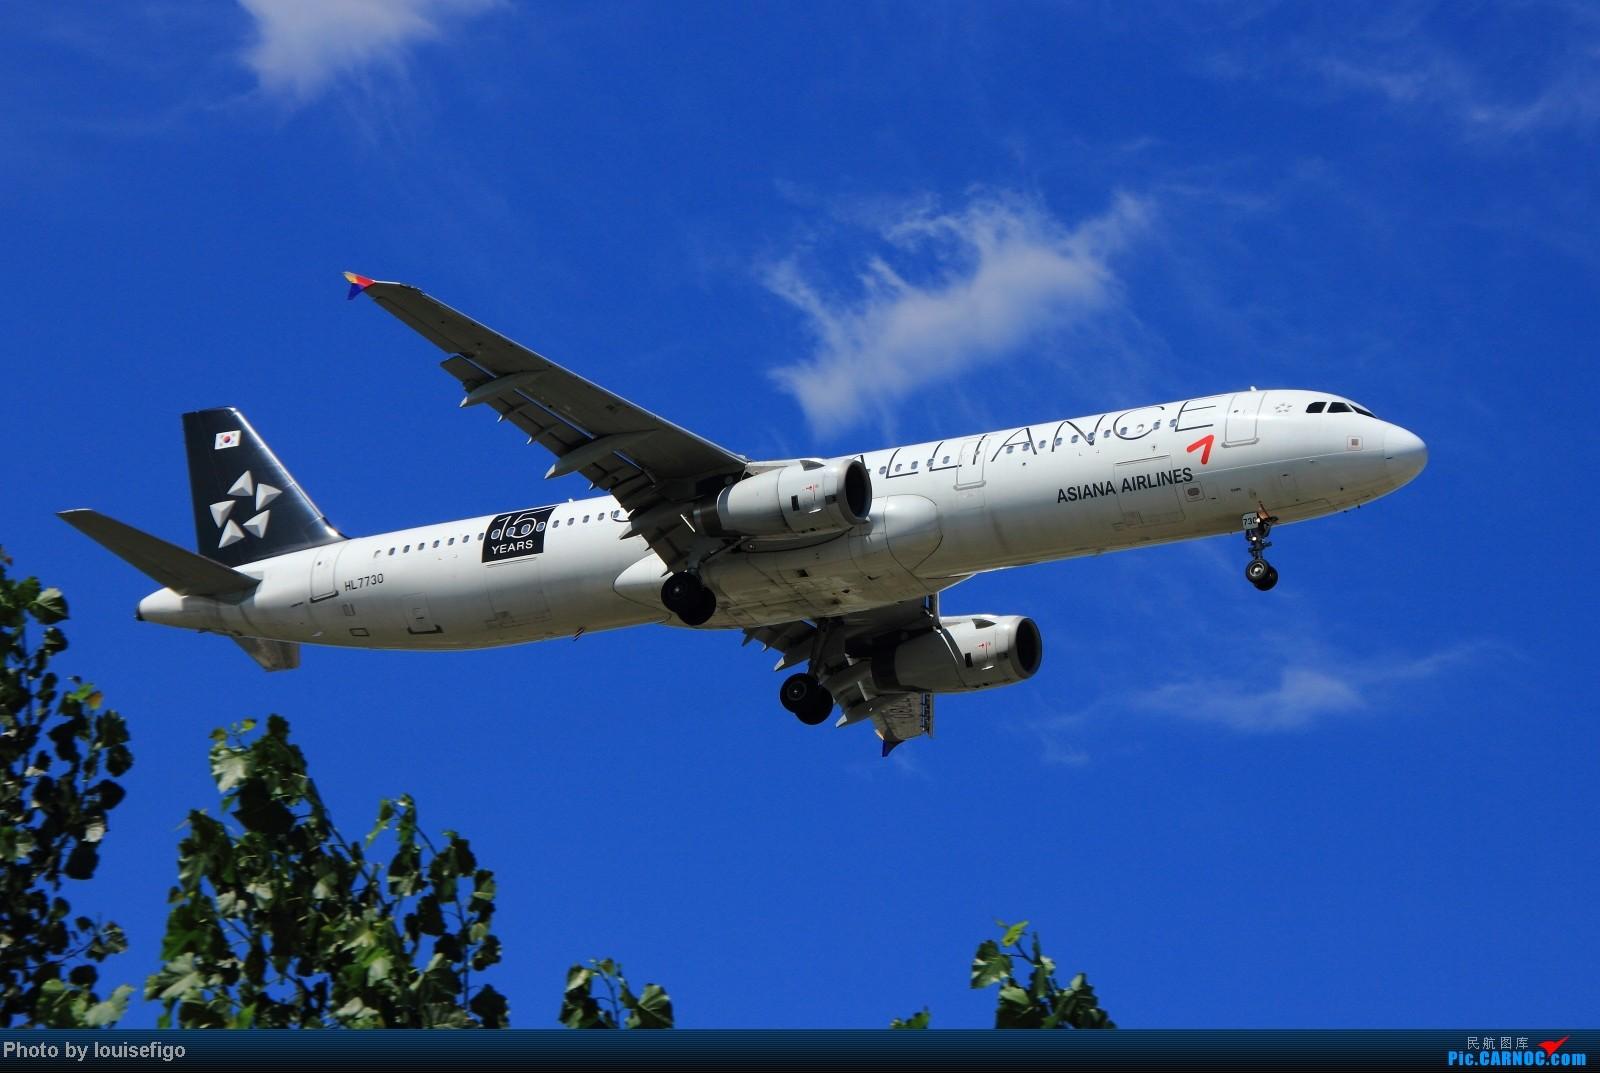 Re:[原创]星空联盟7-23北京代表大会,与会代表来自中美韩埃!~~可惜老天爷貌似对某些代表有情绪! AIRBUS A321-200 HL7730 北京首都国际机场